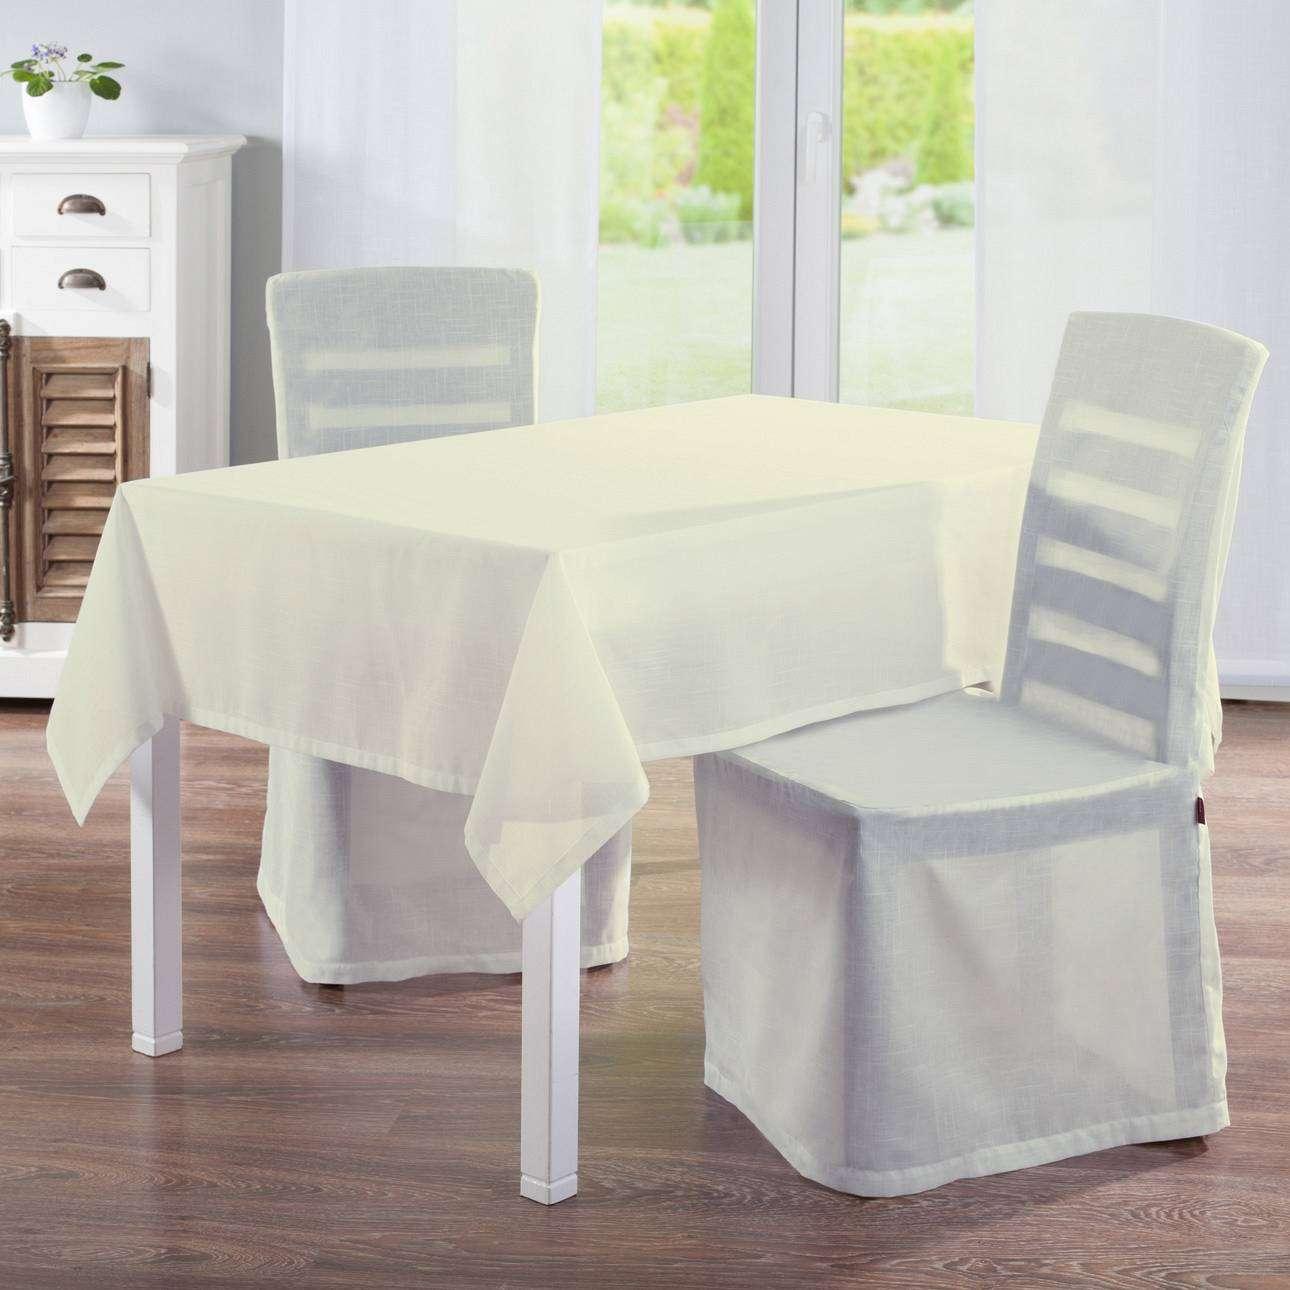 Sukienka na krzesło 45x94 cm w kolekcji Romantica, tkanina: 128-88